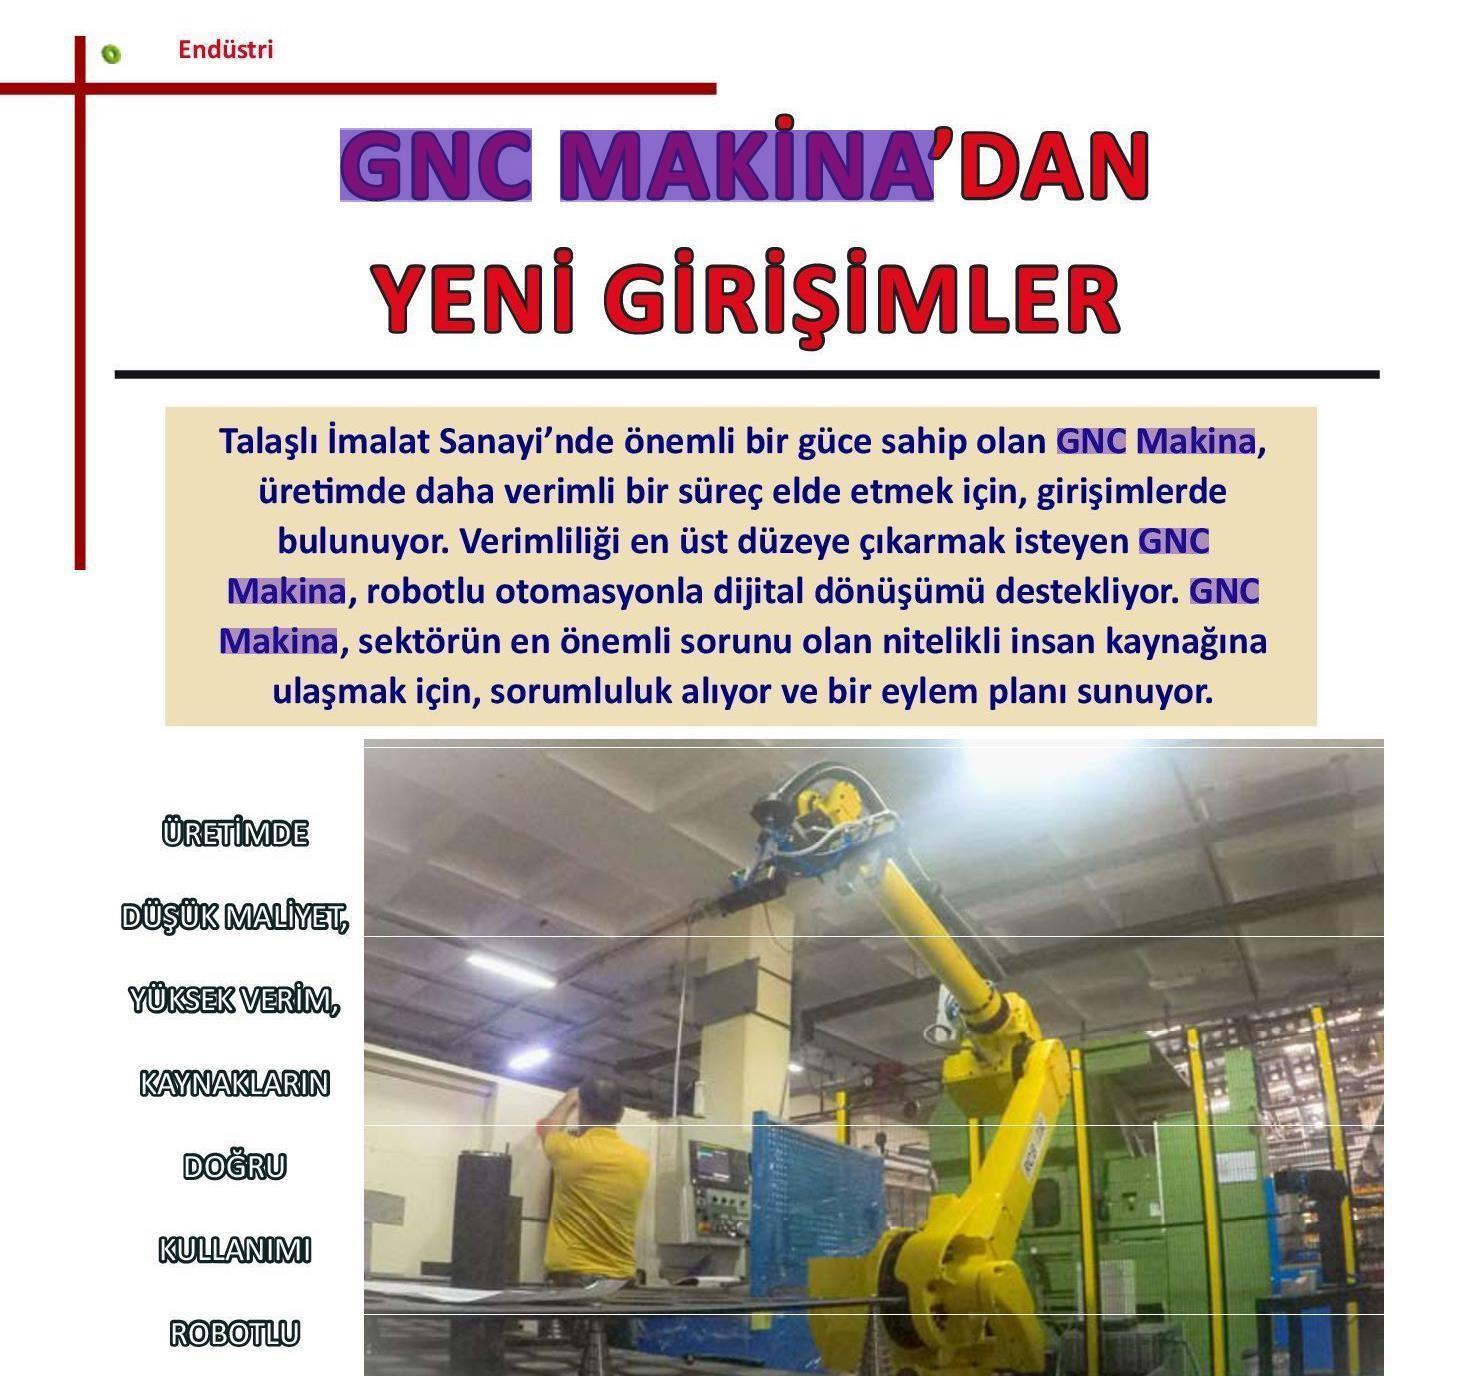 GNC Makina'dan Yeni Girişimler (Endüstri 4.0 Dergisi)